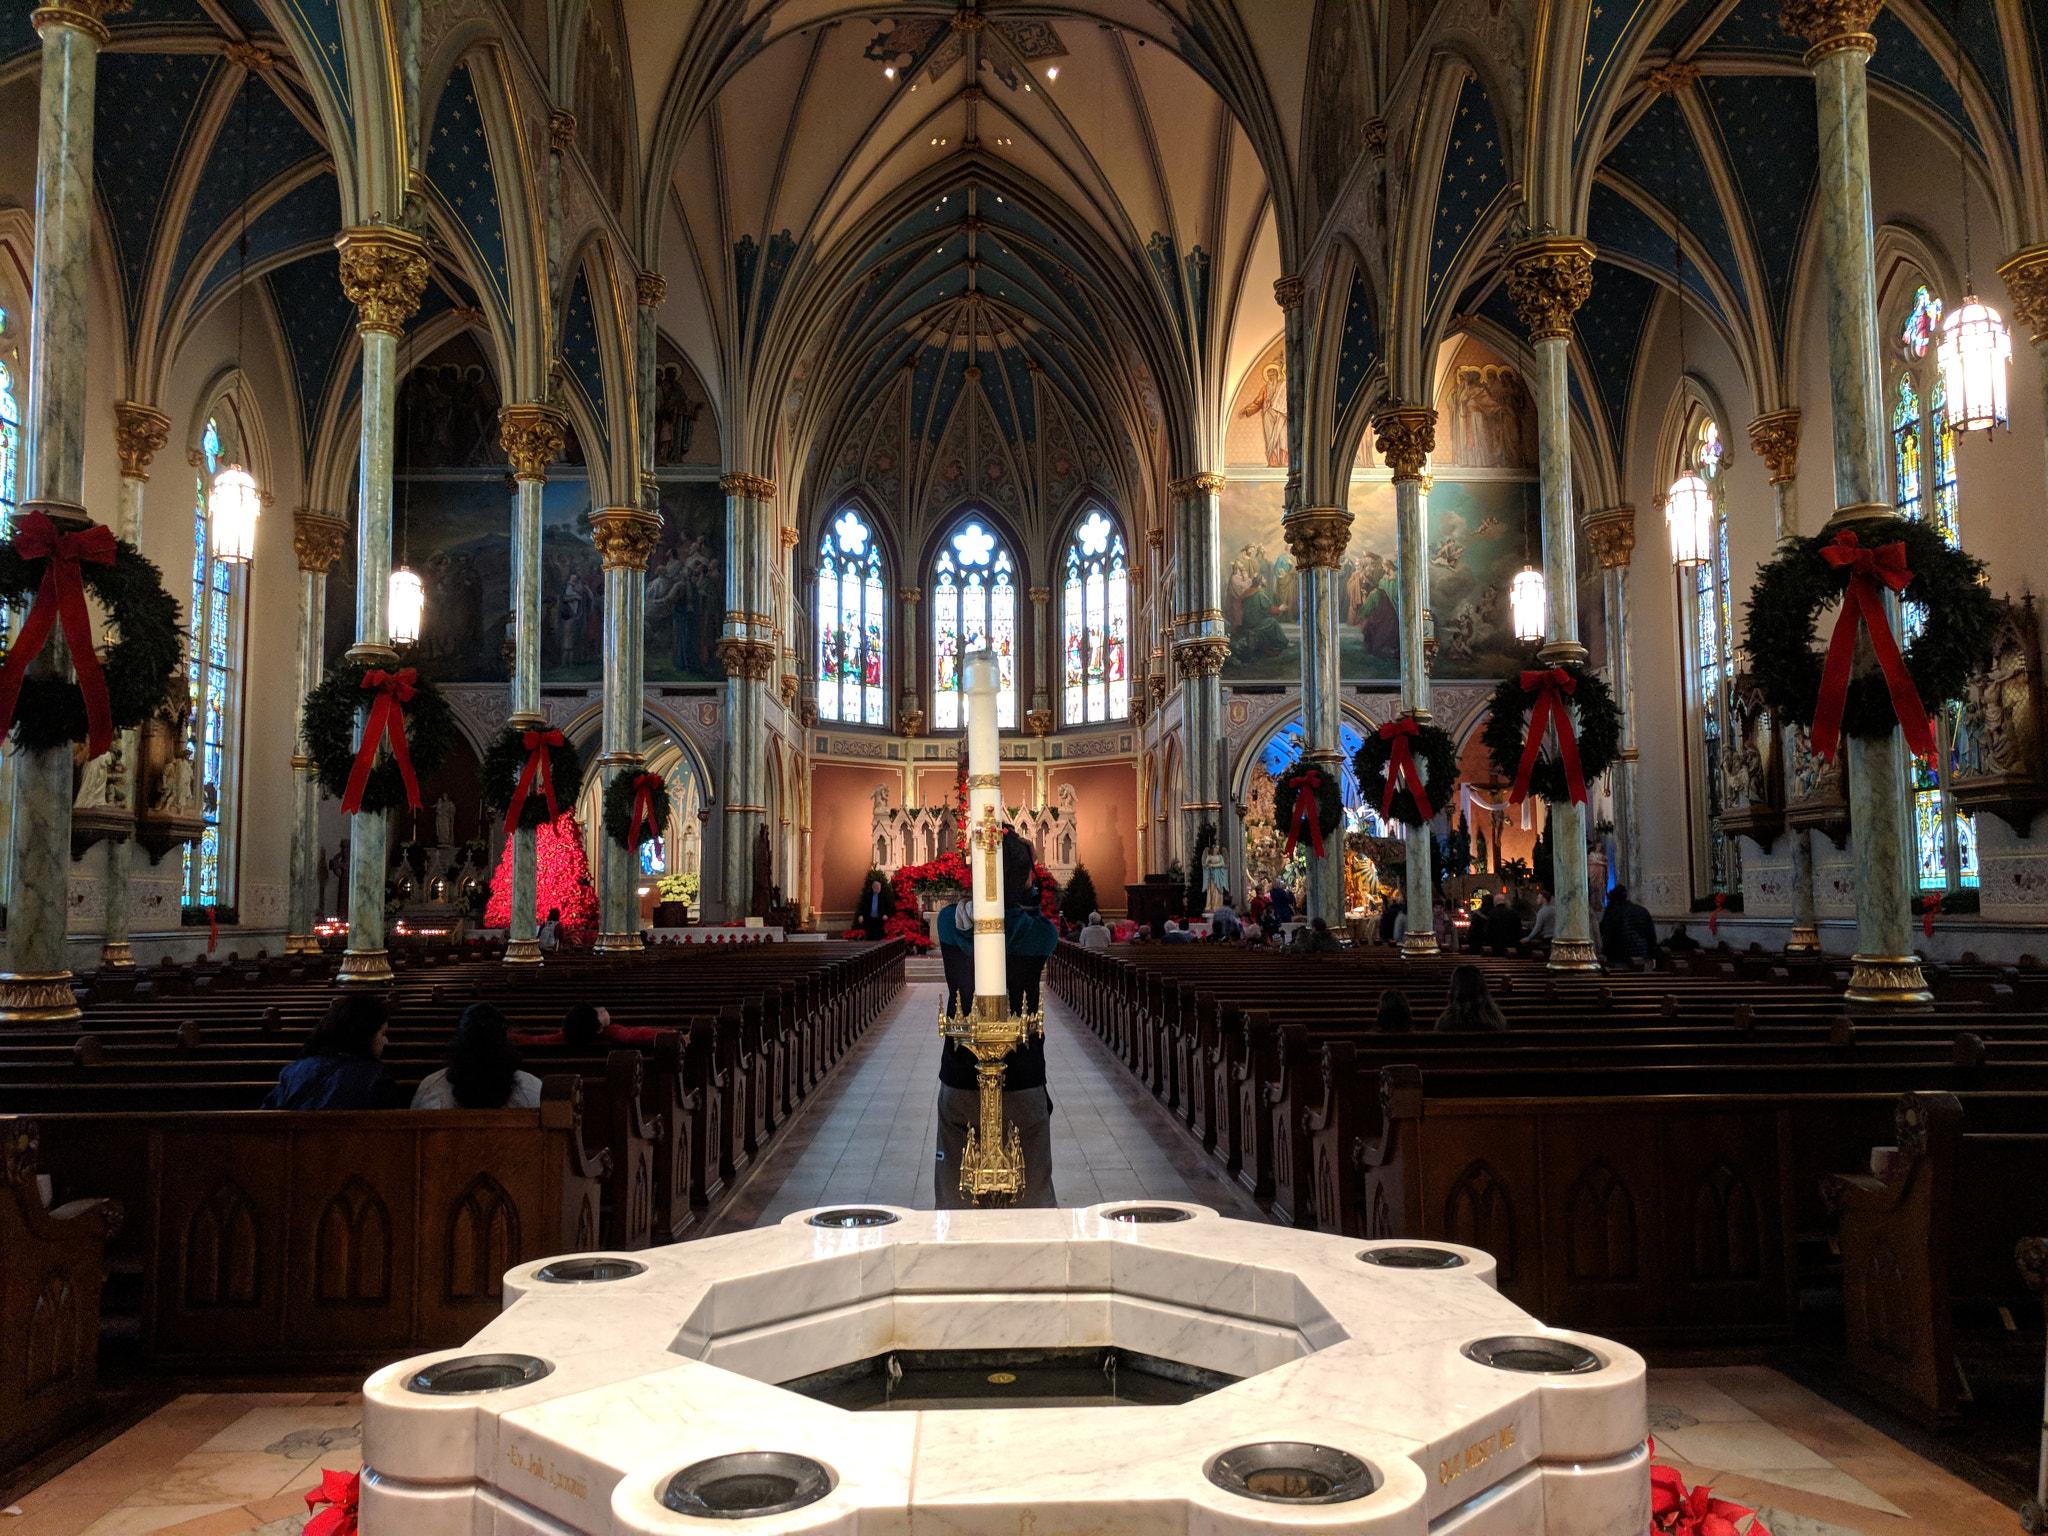 Cathedral Of St John The Baptist Savannah Ga (242944043).jpeg